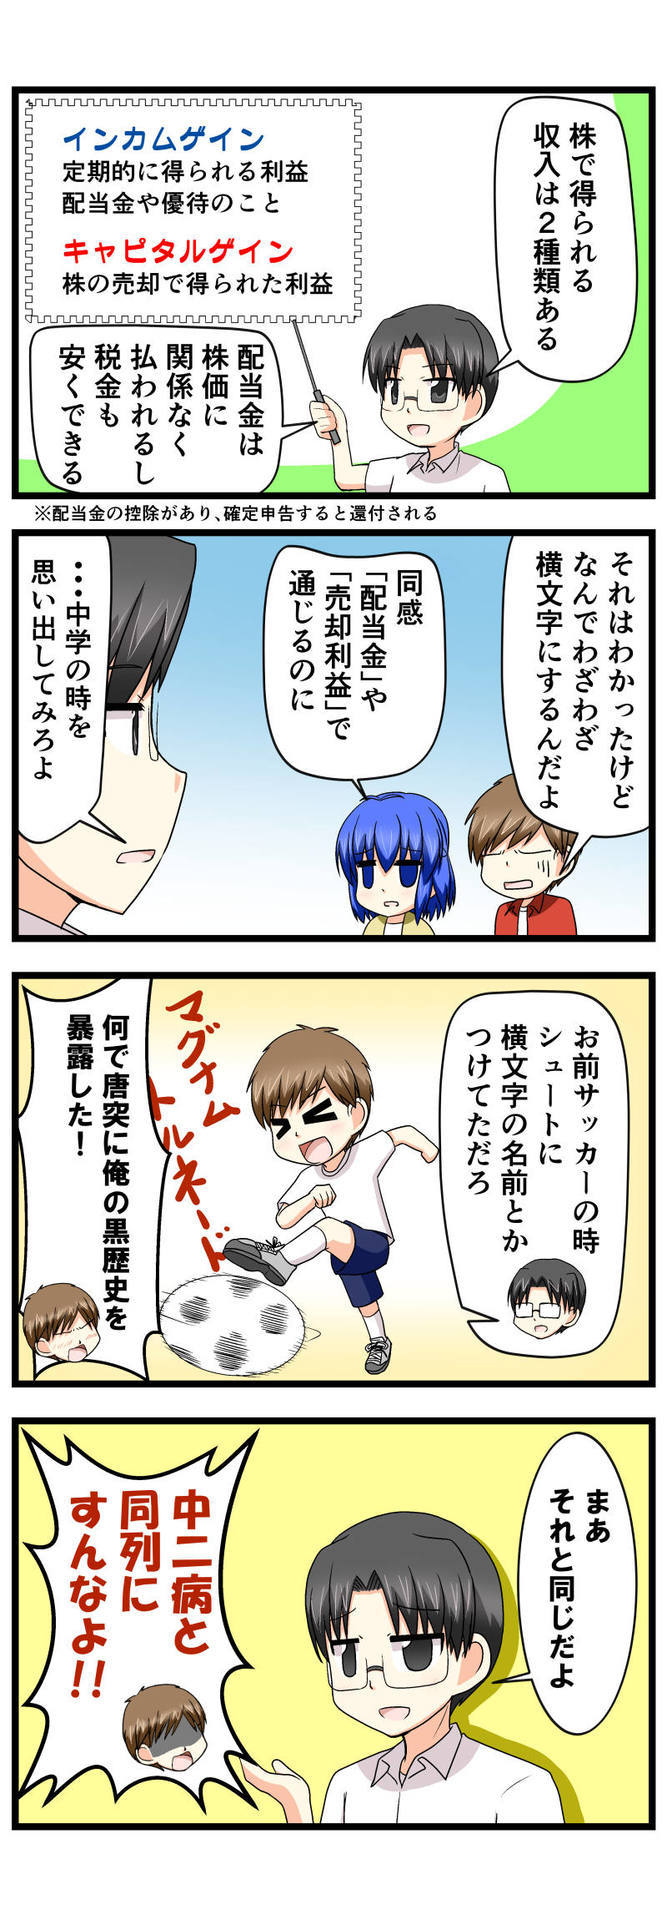 萌える株セミナー43.jpg